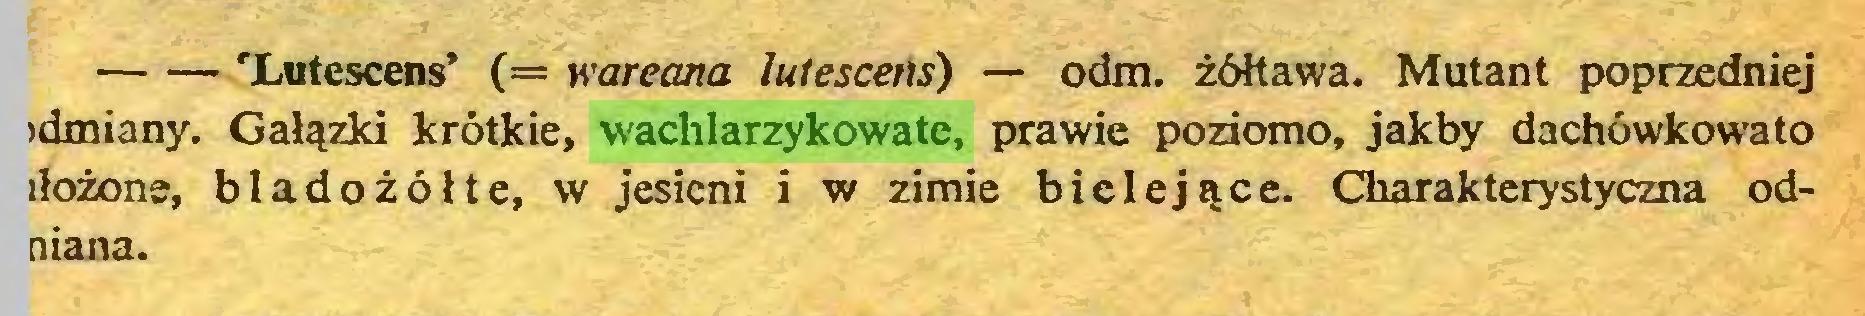 (...) 'Lutescens' (= wareana lutescefís) — odm. żółtawa. Mutant poprzedniej idmiany. Gałązki krótkie, wachlarzykowate, prawie poziomo, jakby dachówkowato iłożone, bladożółte, w jesieni i w zimie bielejące. Charakterystyczna odniana...